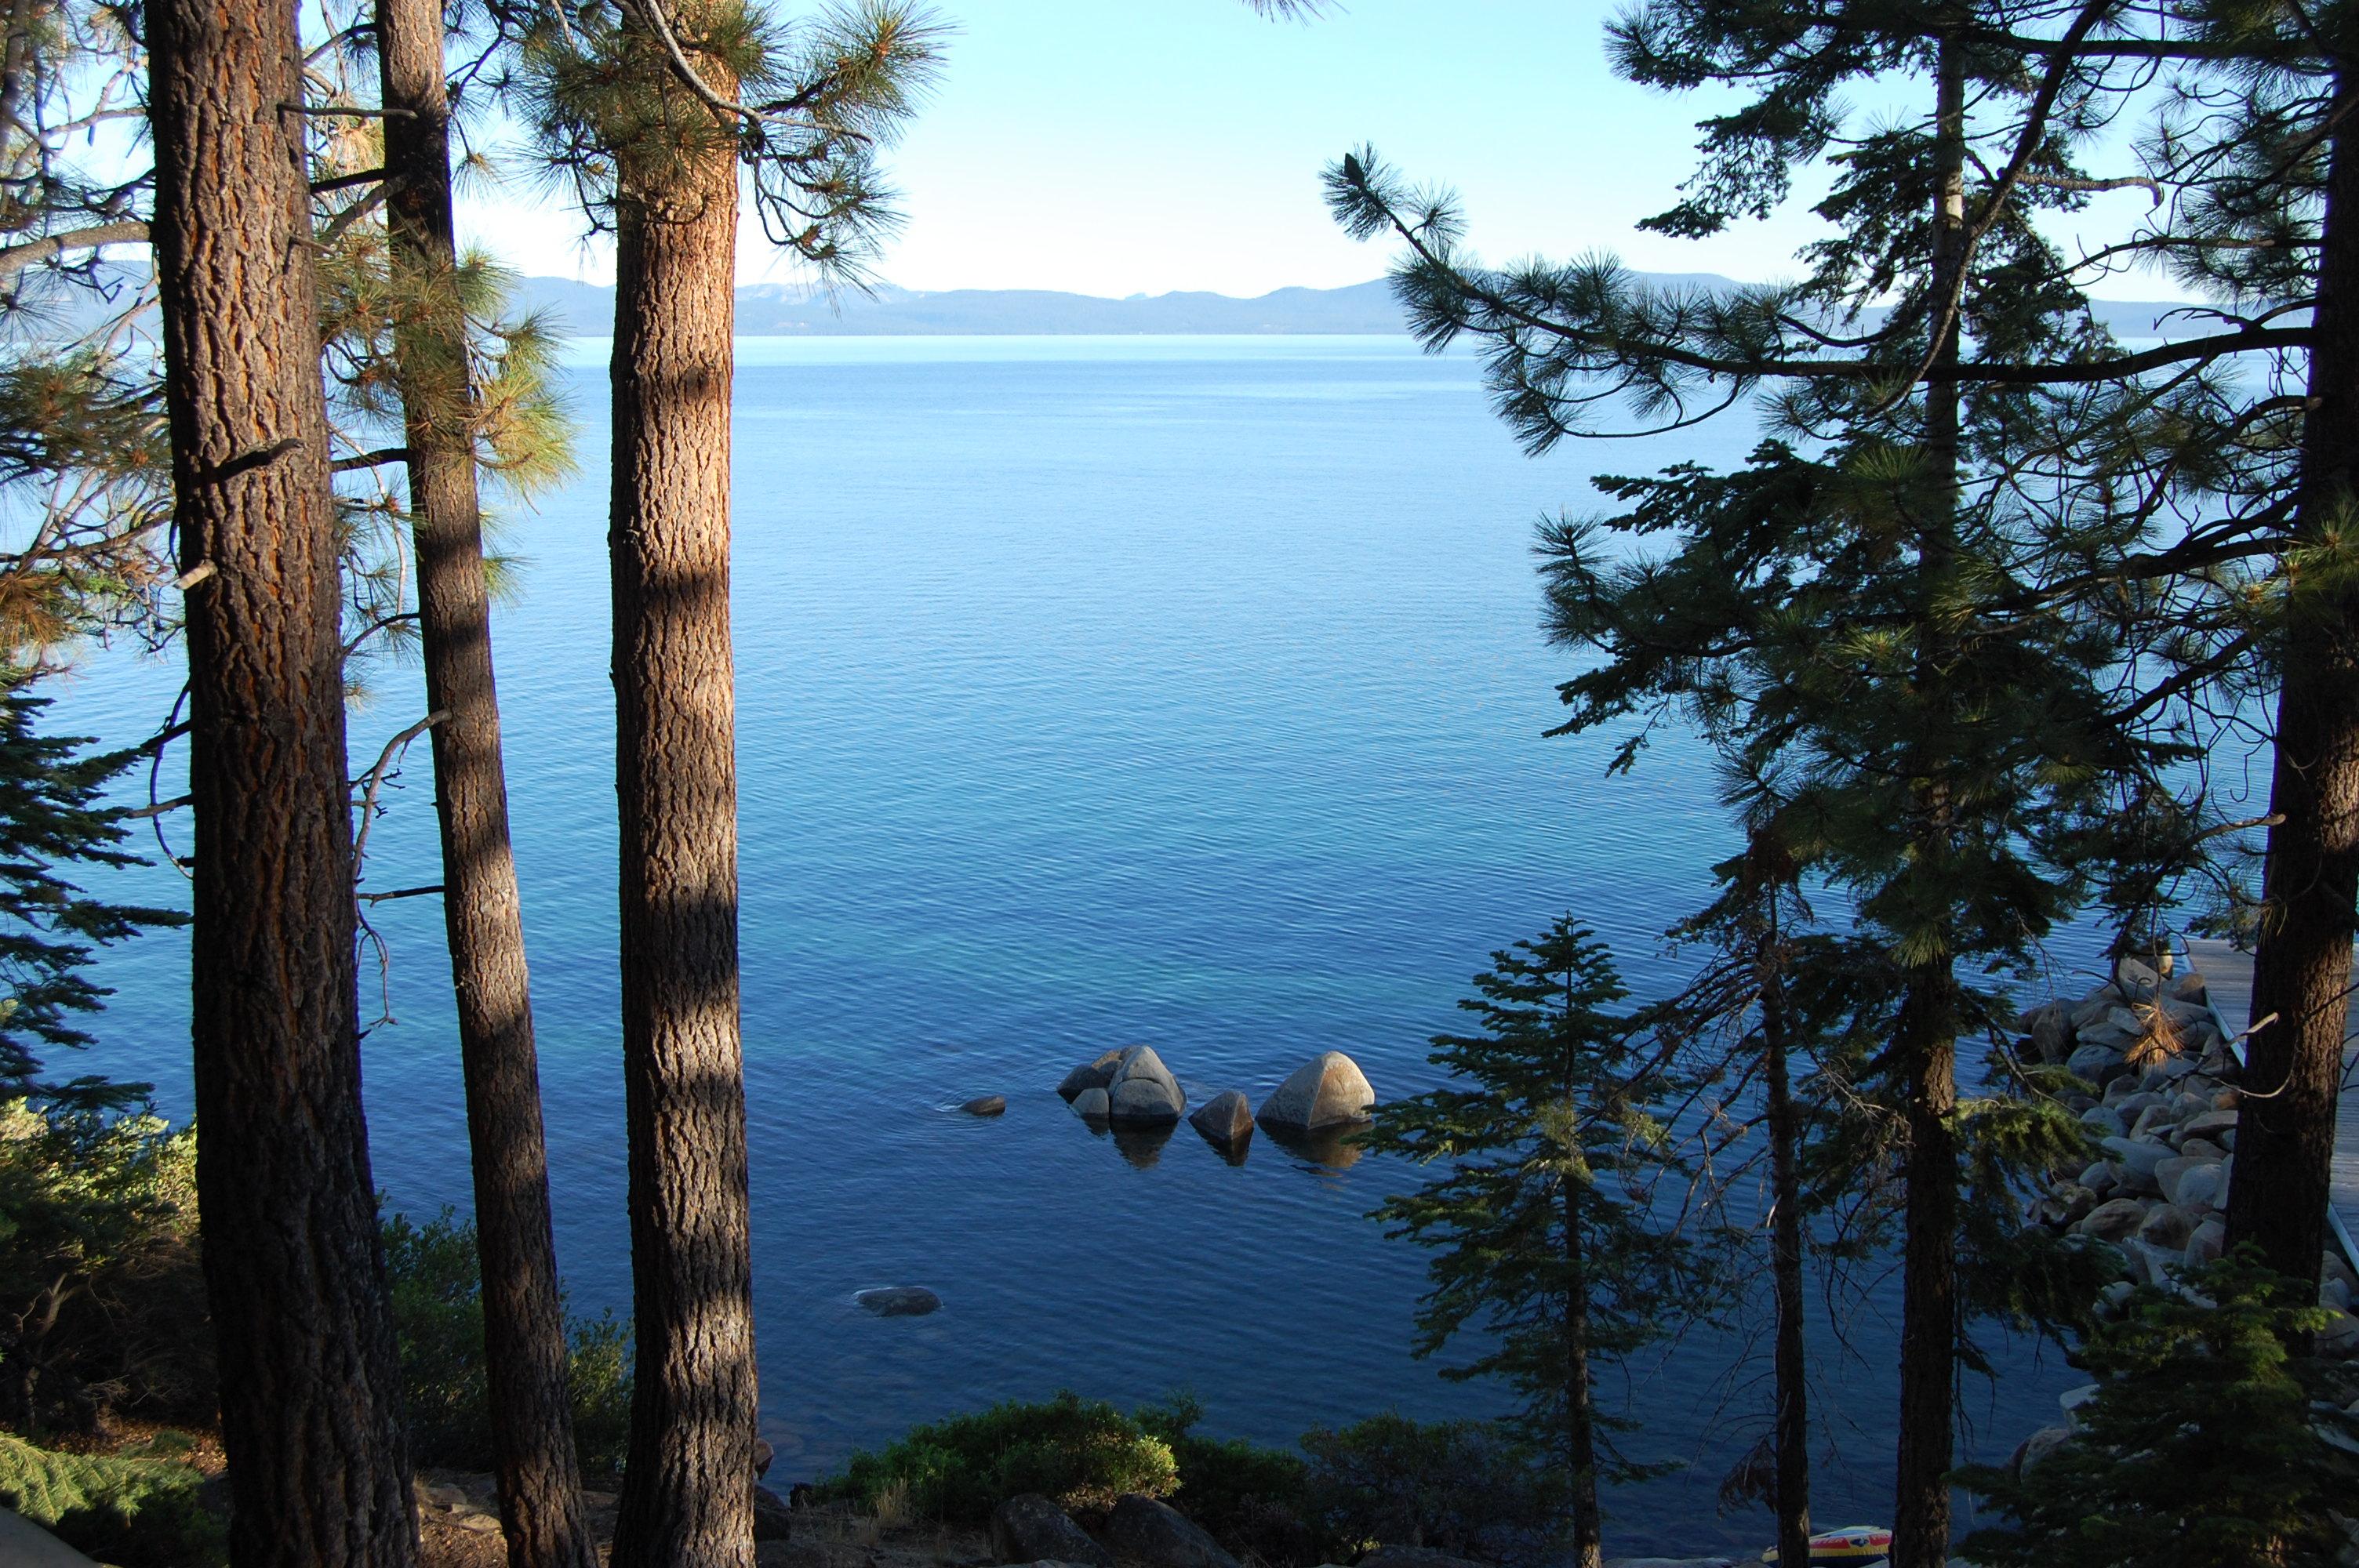 tahoe-art-09-384.jpg